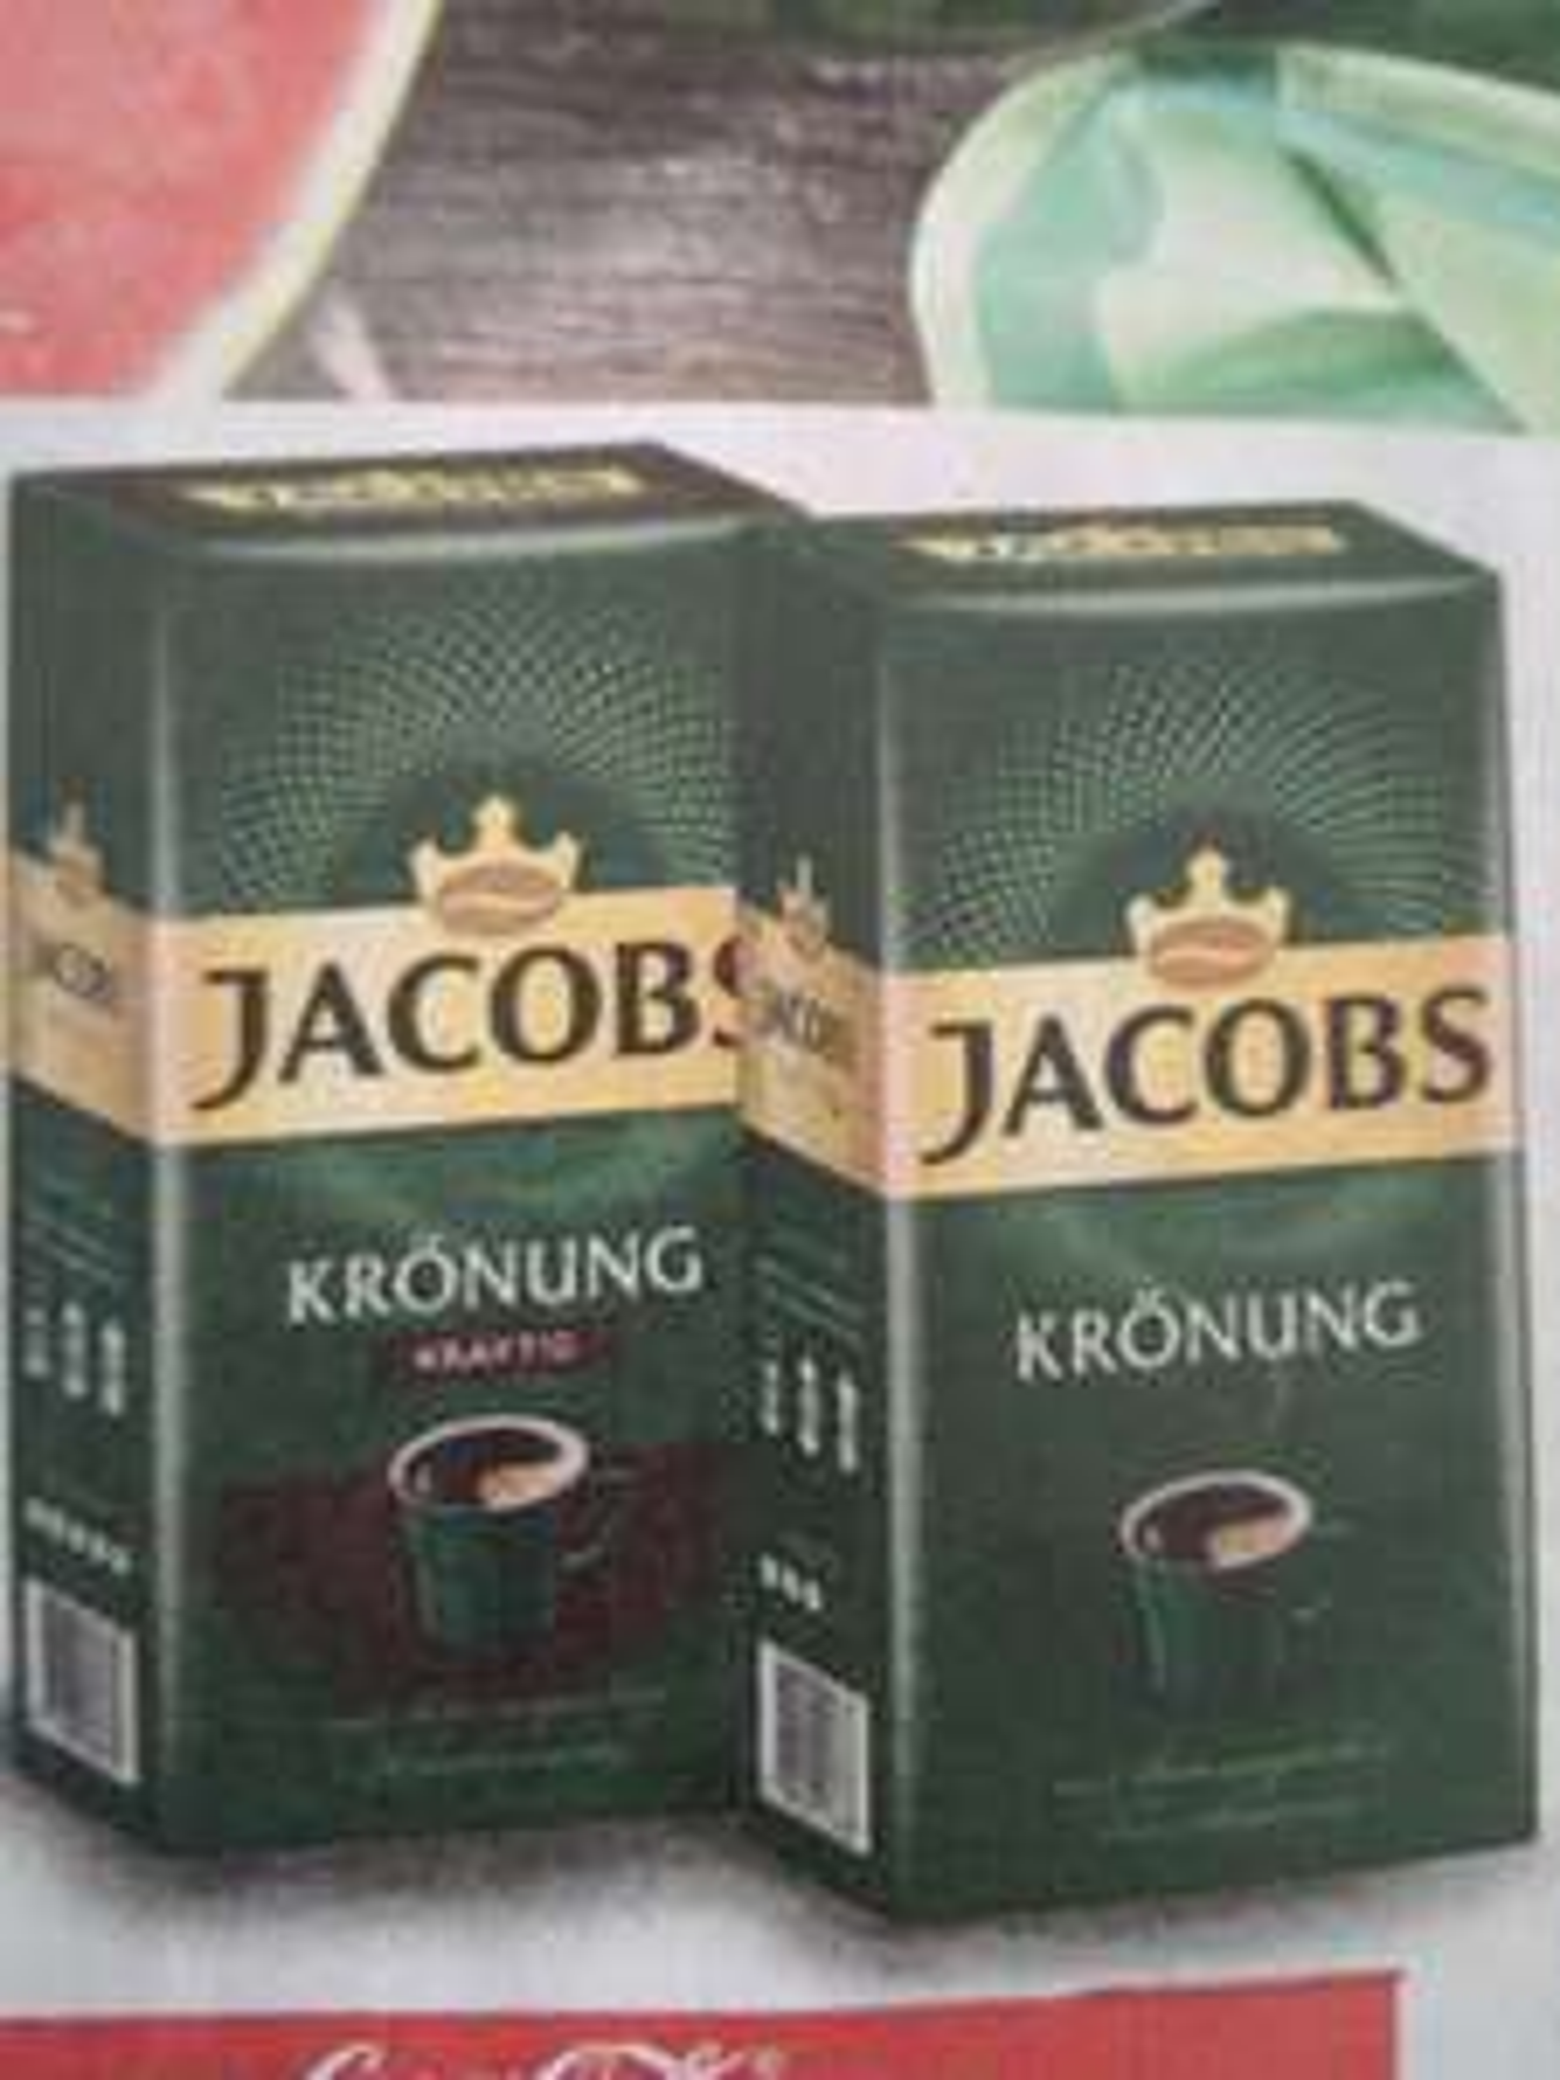 [REAL] Jacobs Krönung 500g (auch kräftig)